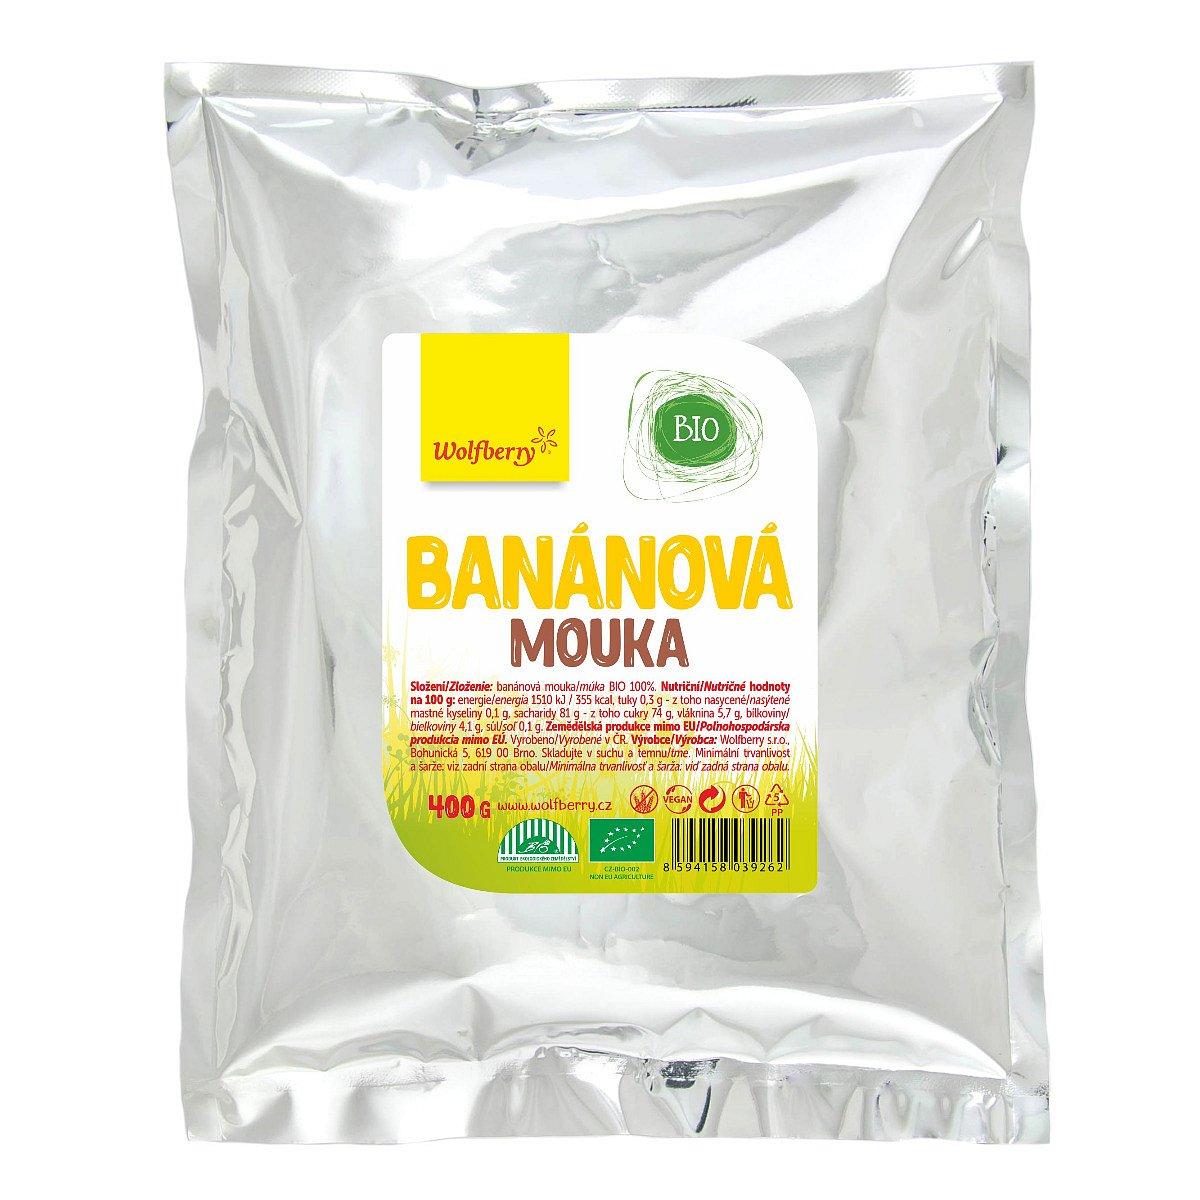 Wolfberry BIO Banánová mouka 400 g